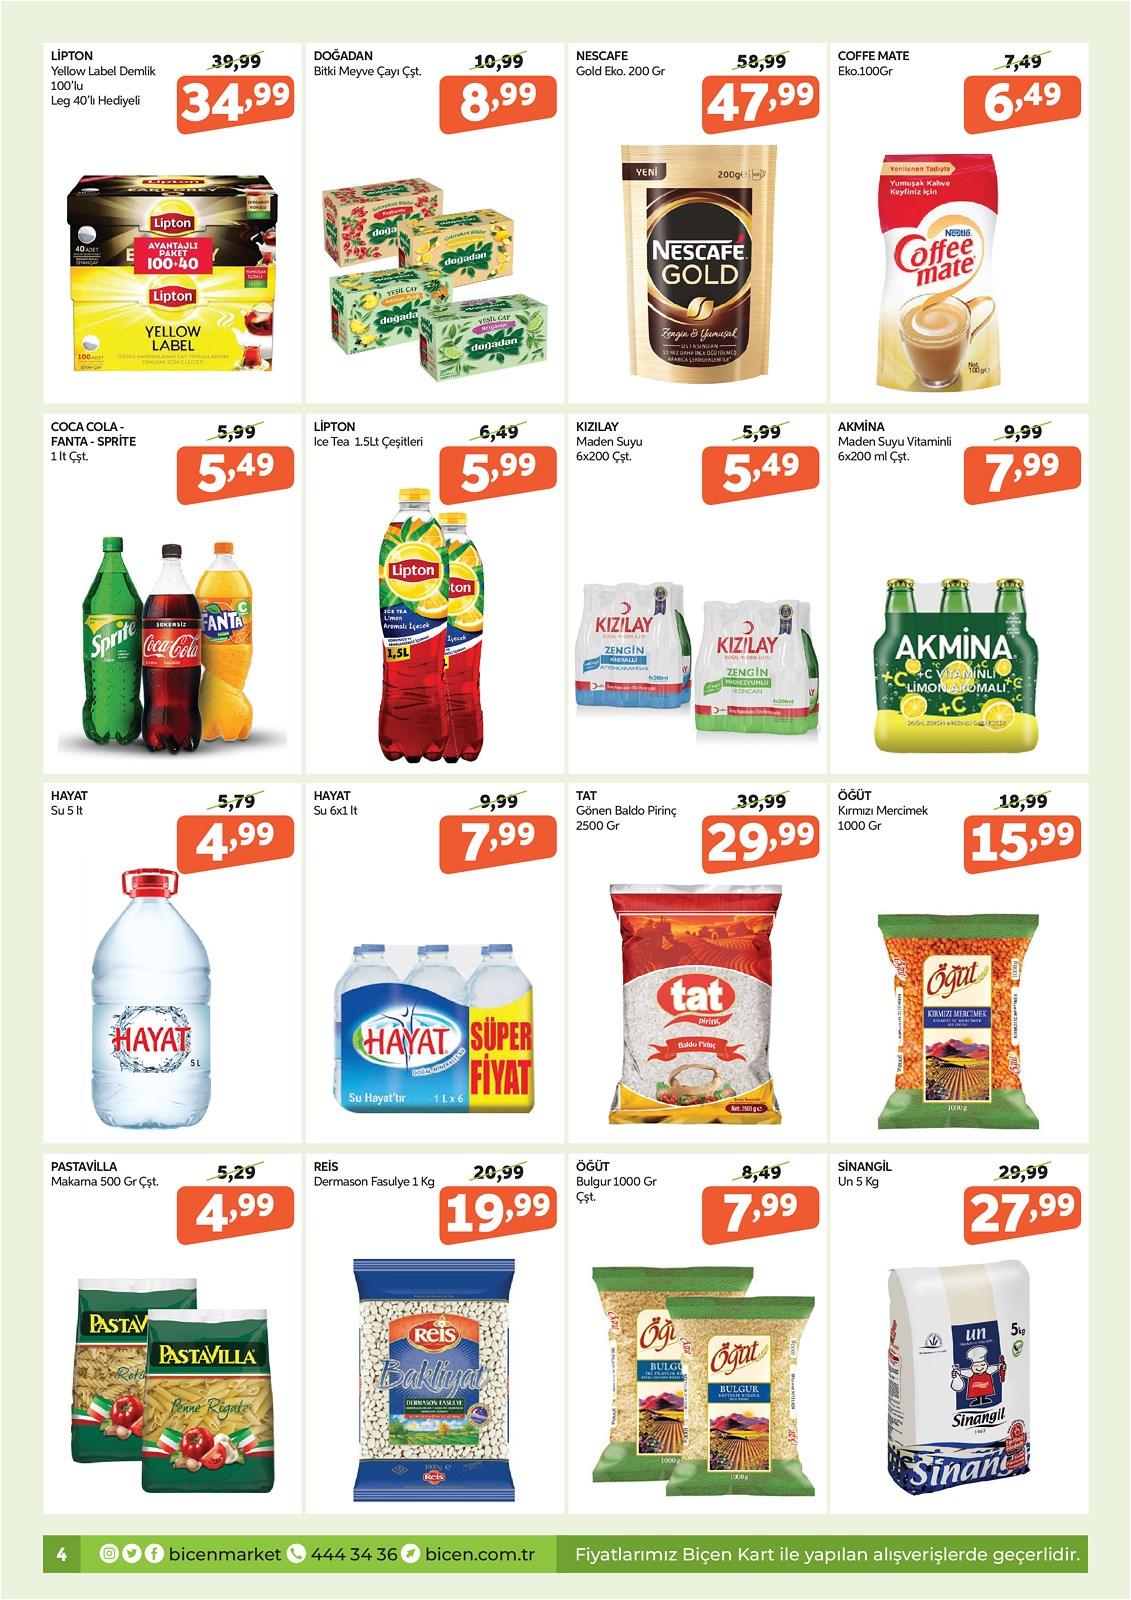 07.10.2021 Biçen Market broşürü 4. sayfa